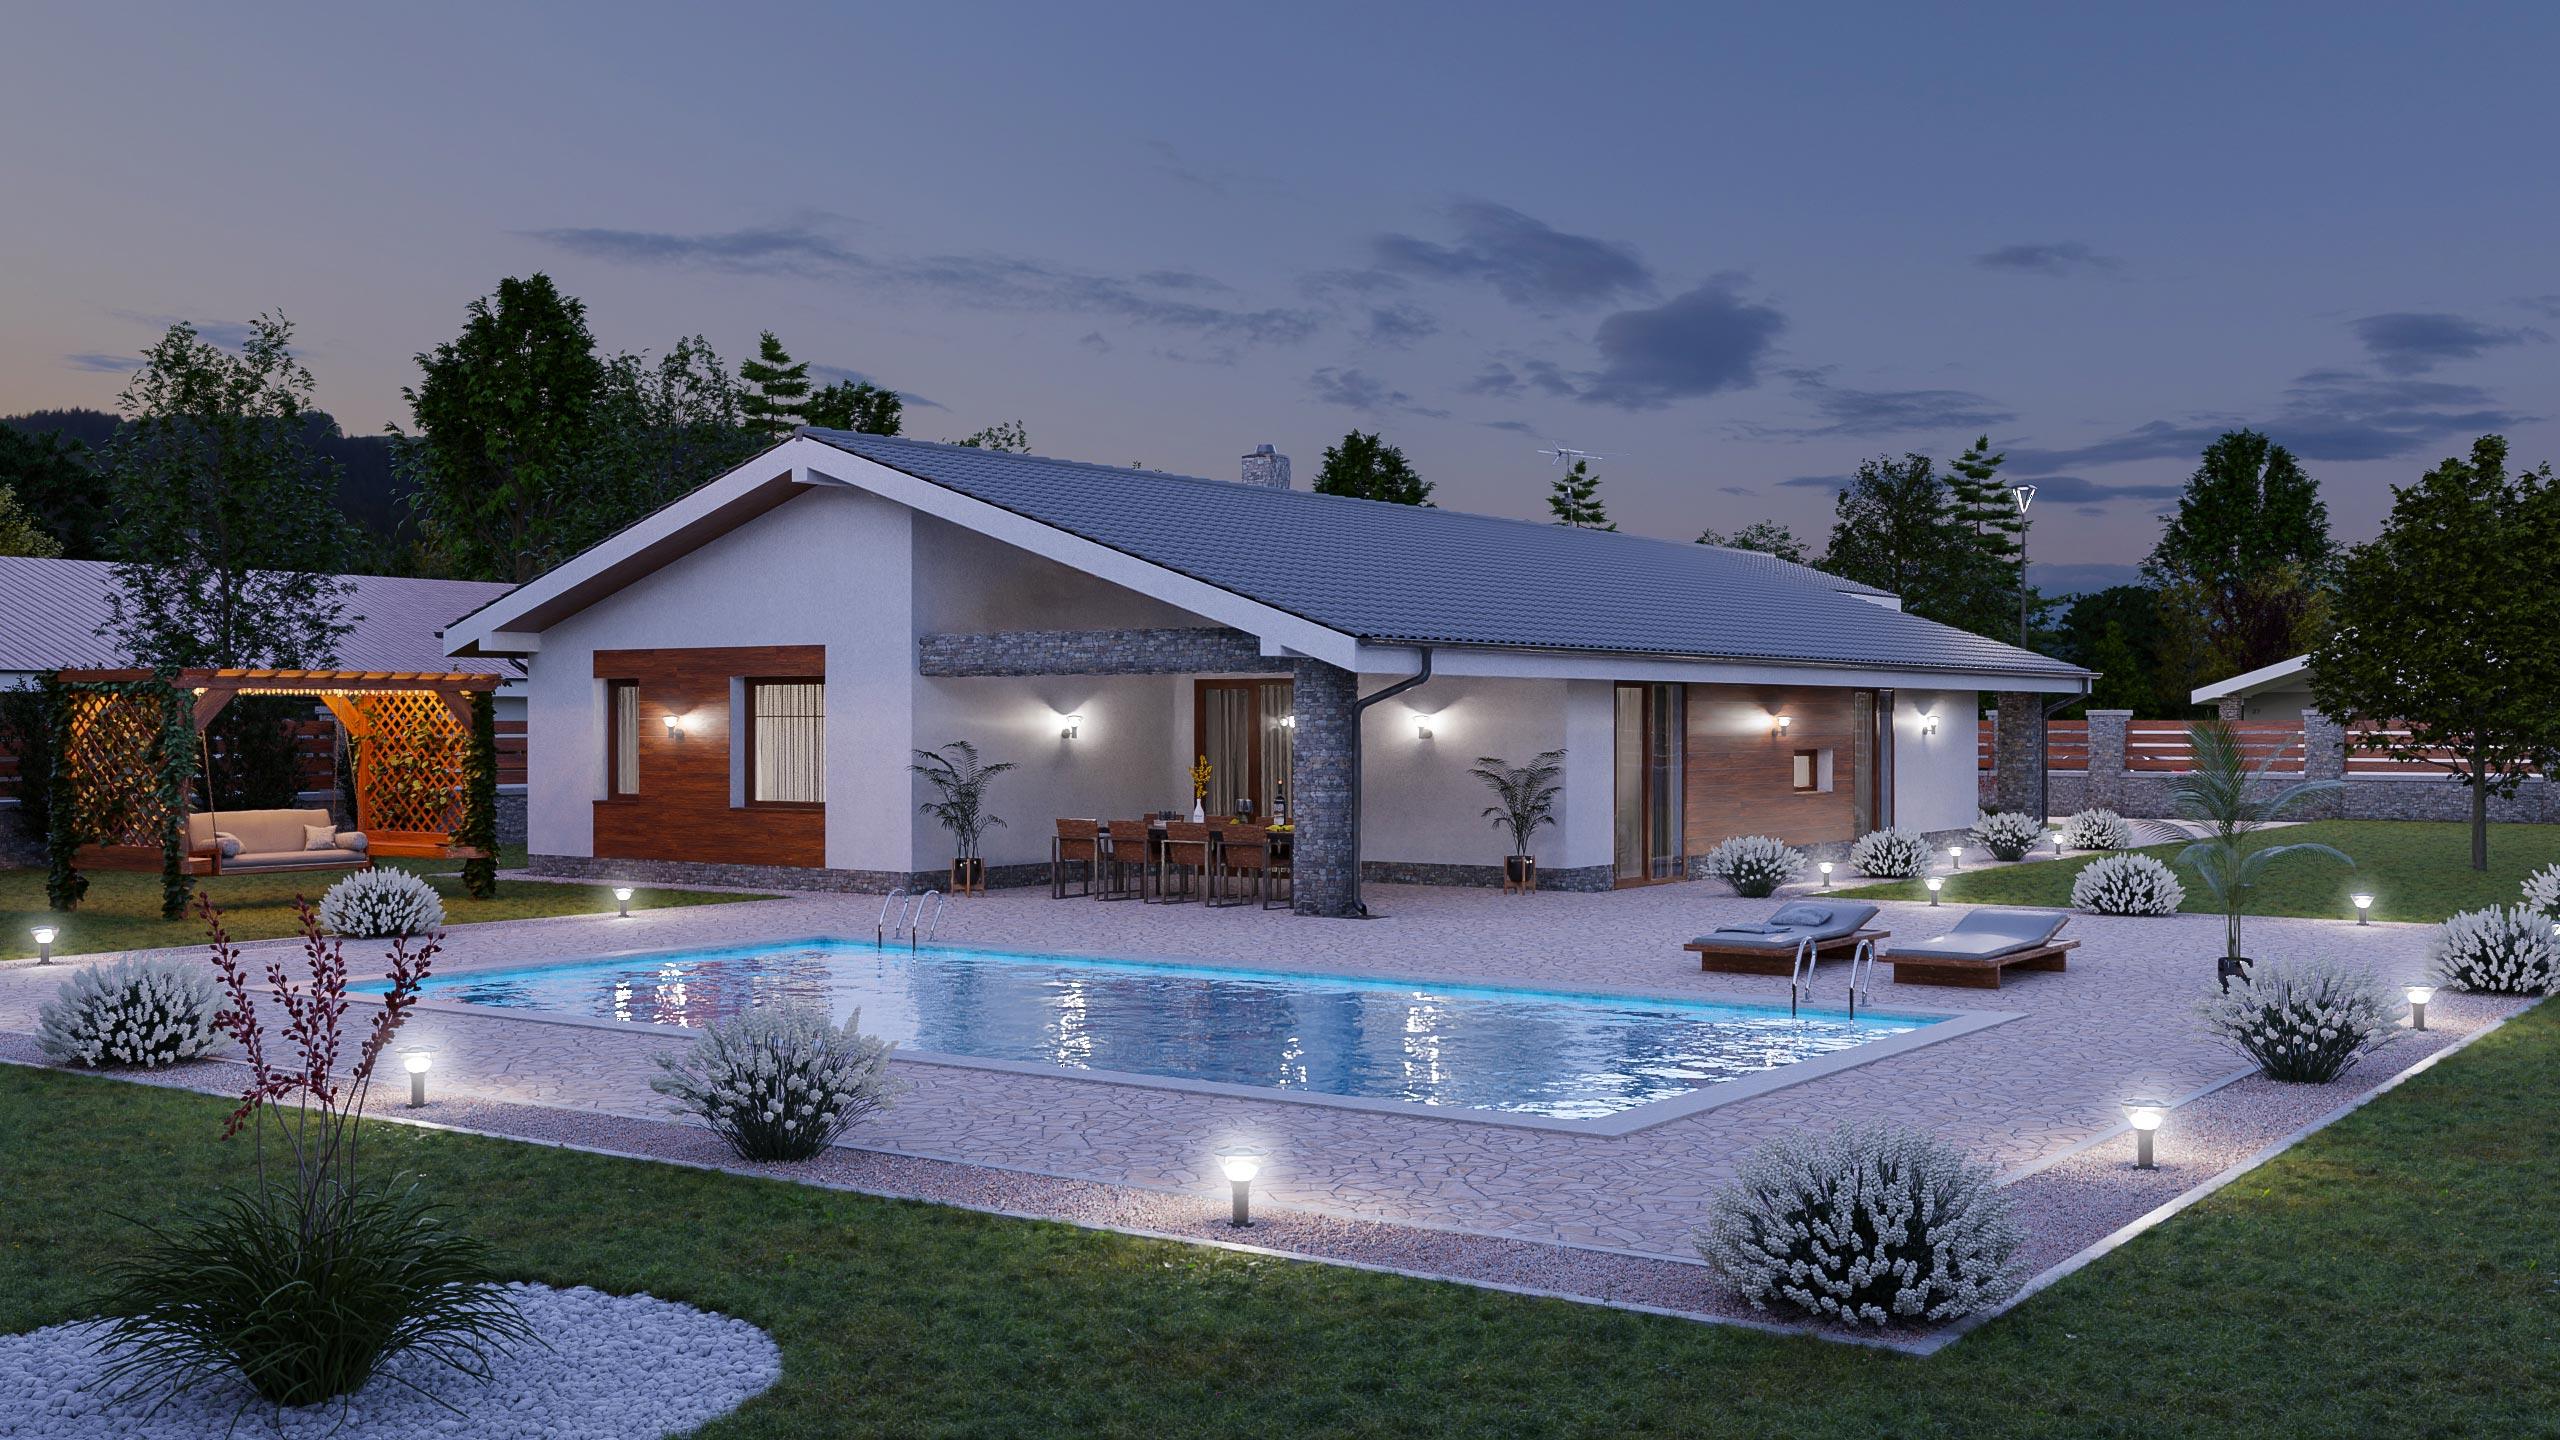 idea3d - vizualizácia rodinný dom 120m2 - večer 4